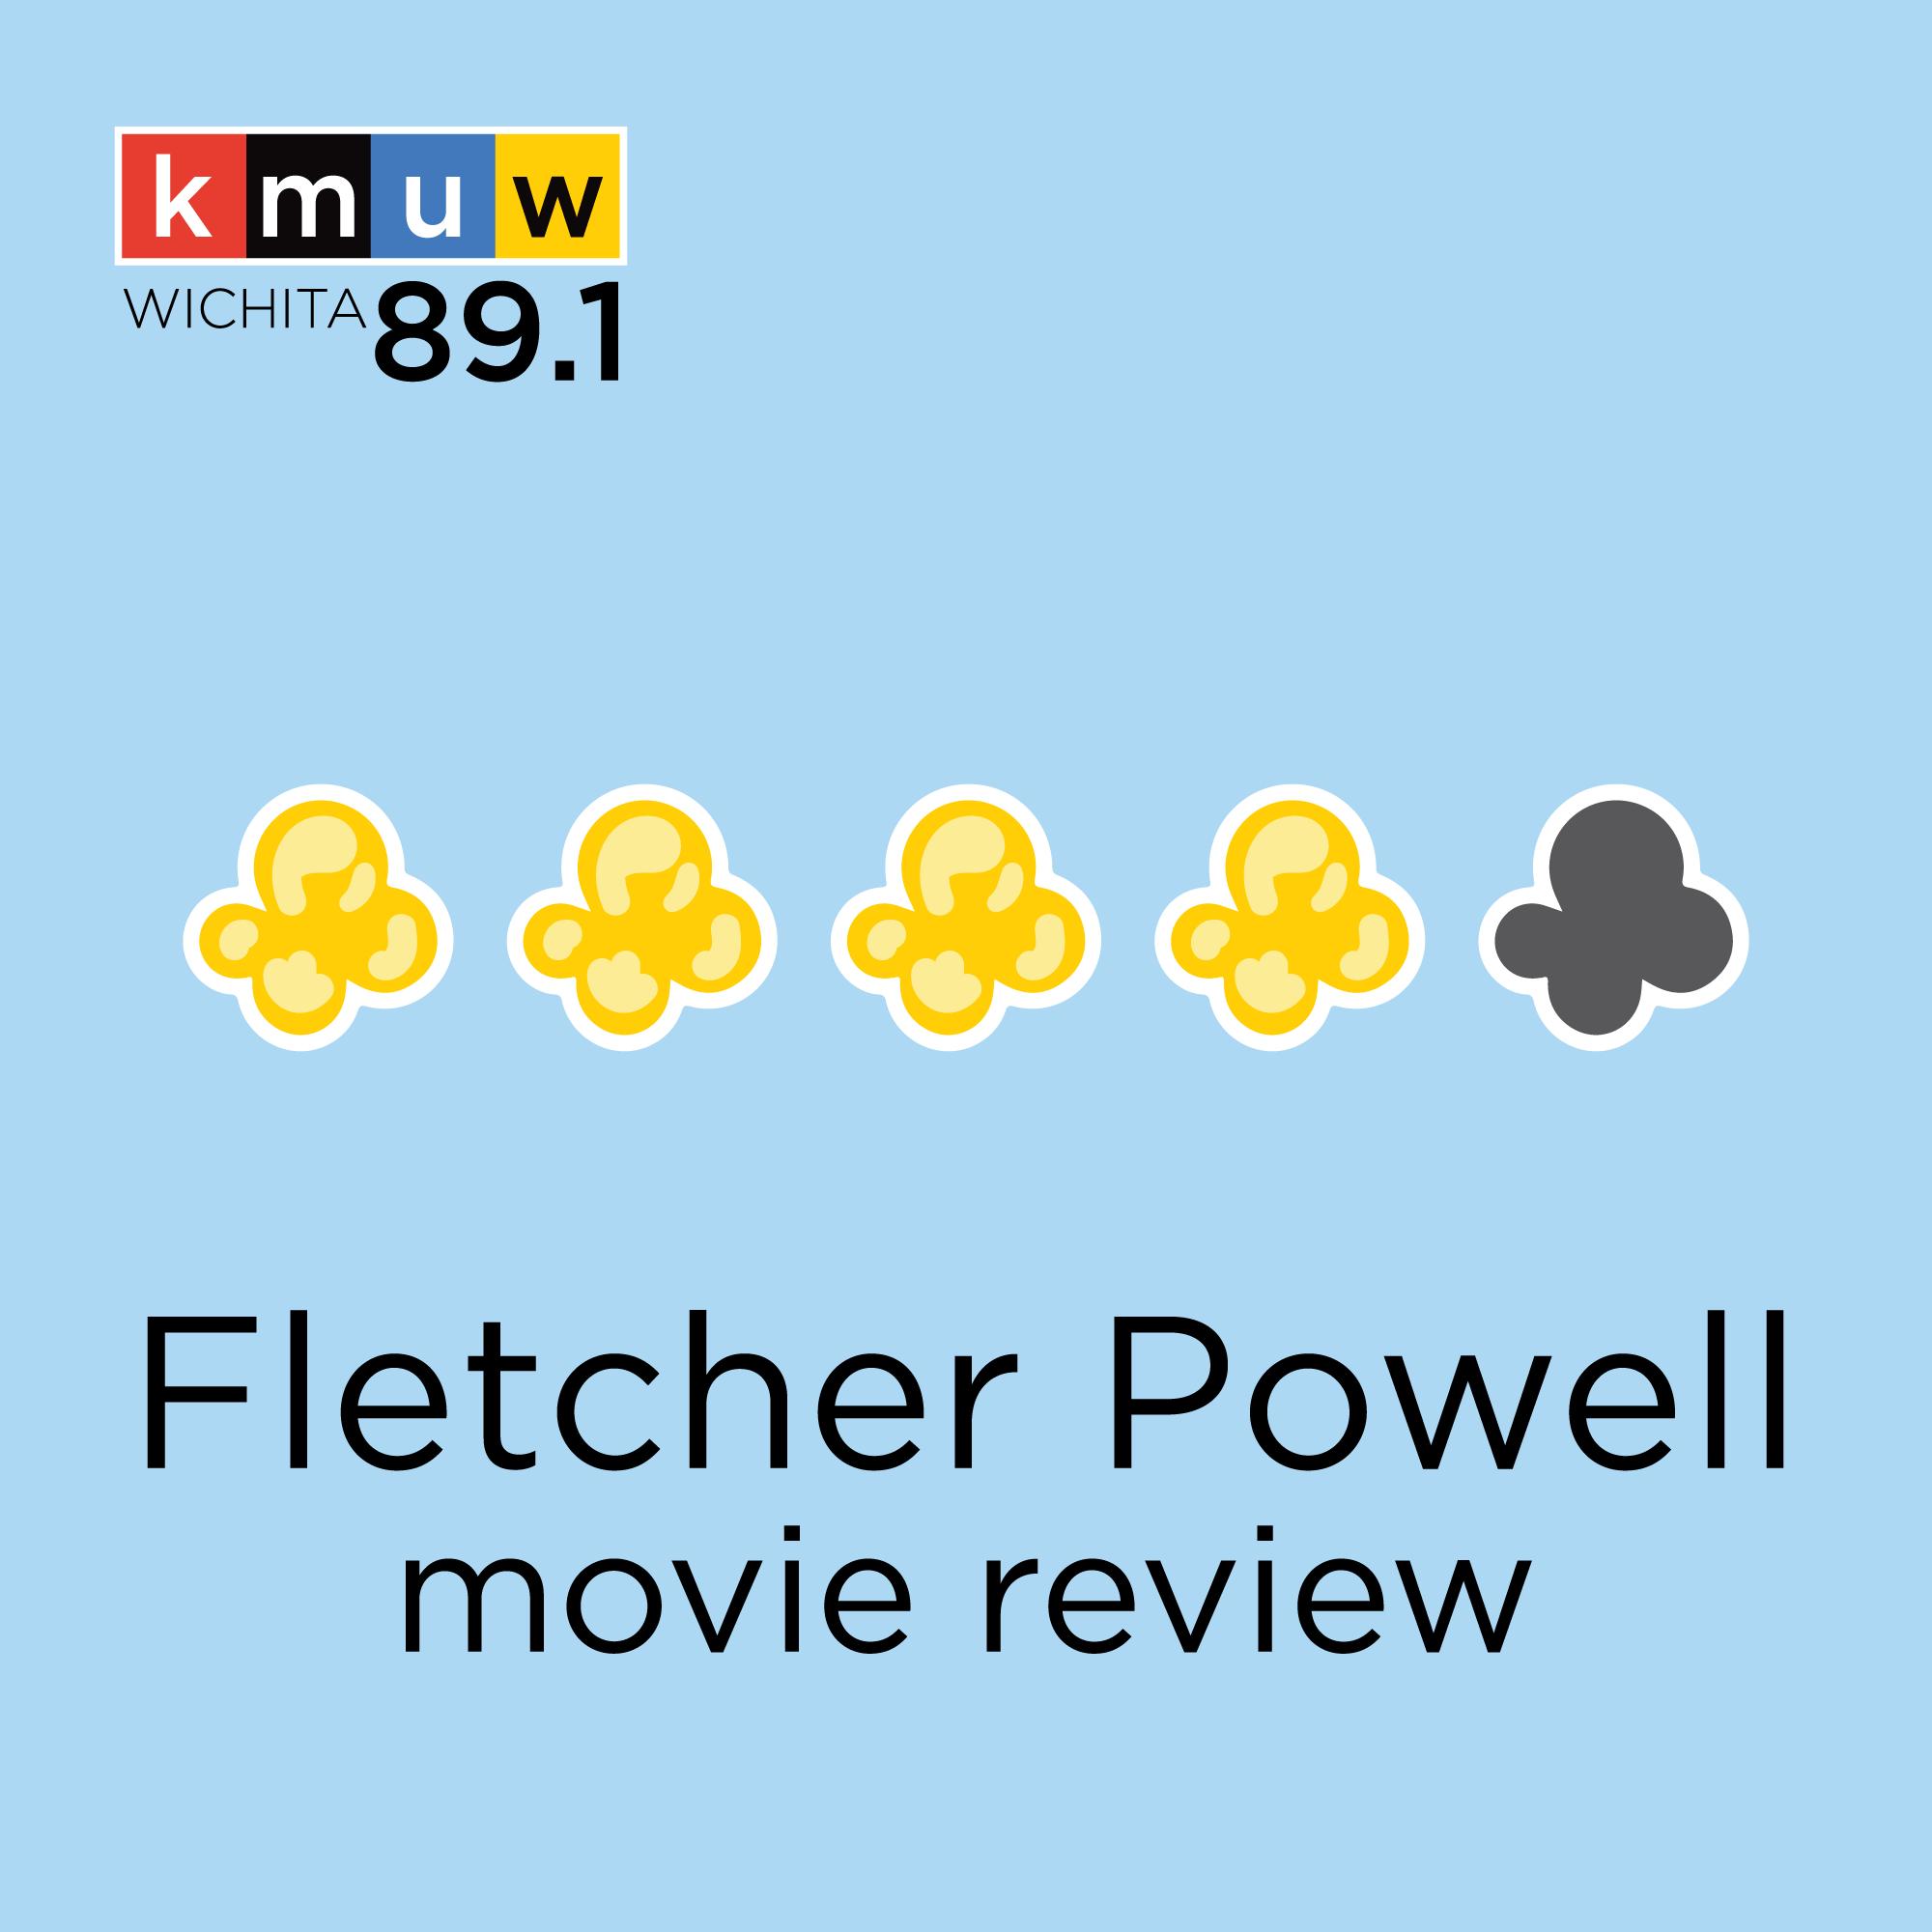 Movie Review | KMUW